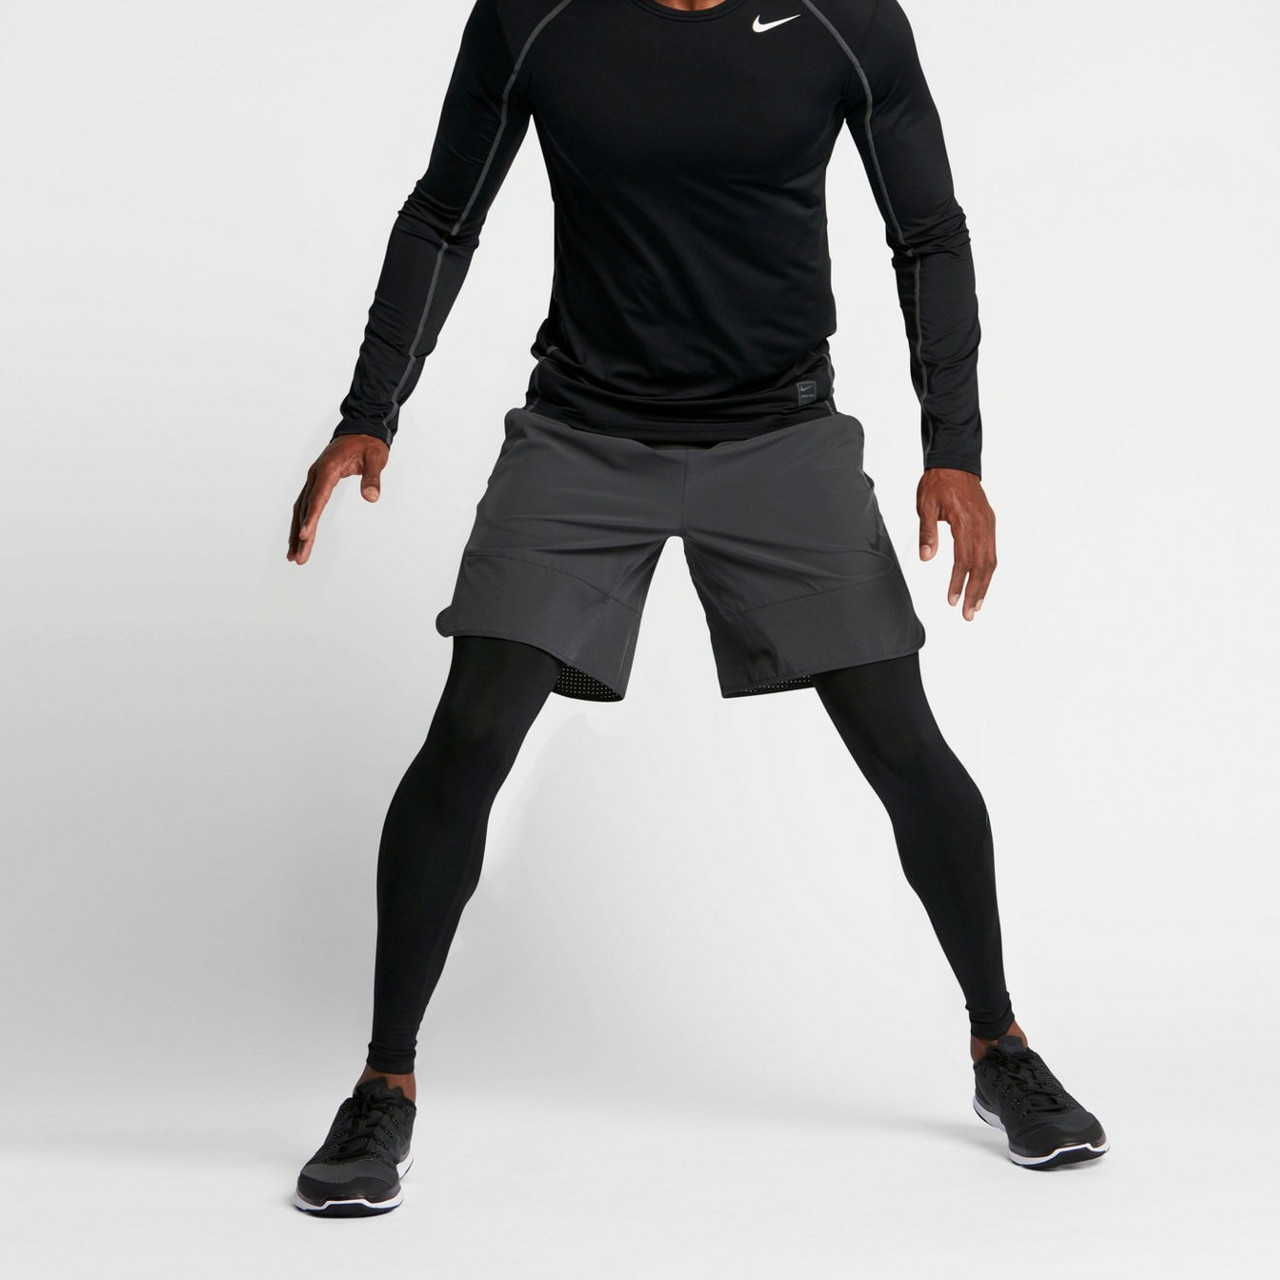 f8f0830c Термо-компрессионные лосины Nike Pro Combat Men's Hyperwarm Light  Compression Tights Leggings, цена 999 грн., купить в Киеве — Prom.ua  (ID#593727864)